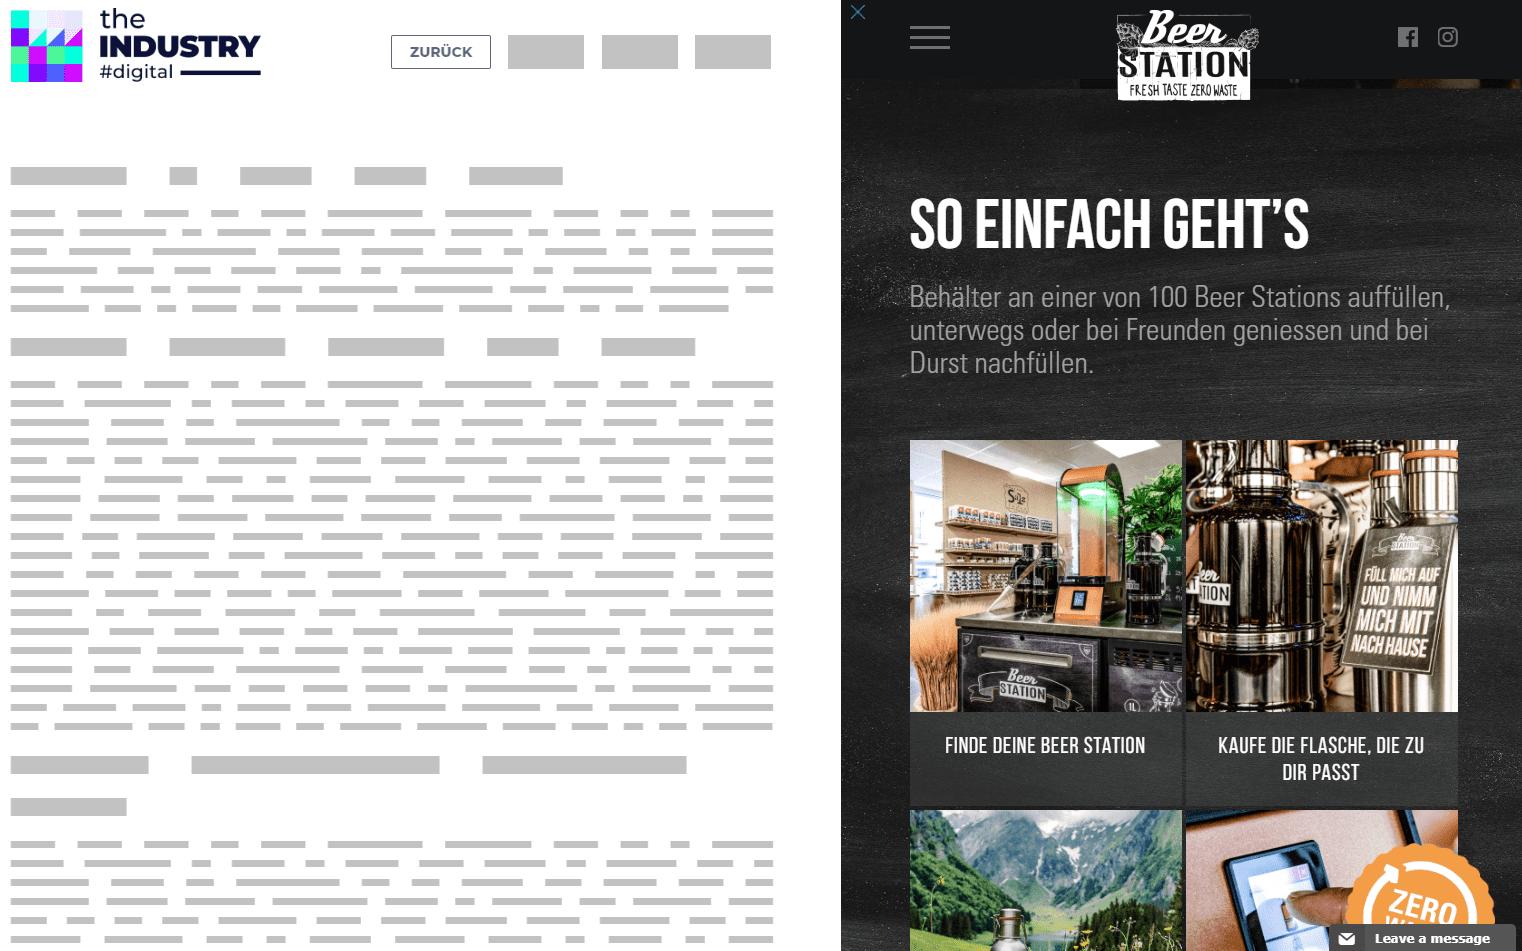 Das Bild zeigt eine Sitebar Website Integration von Beer Station